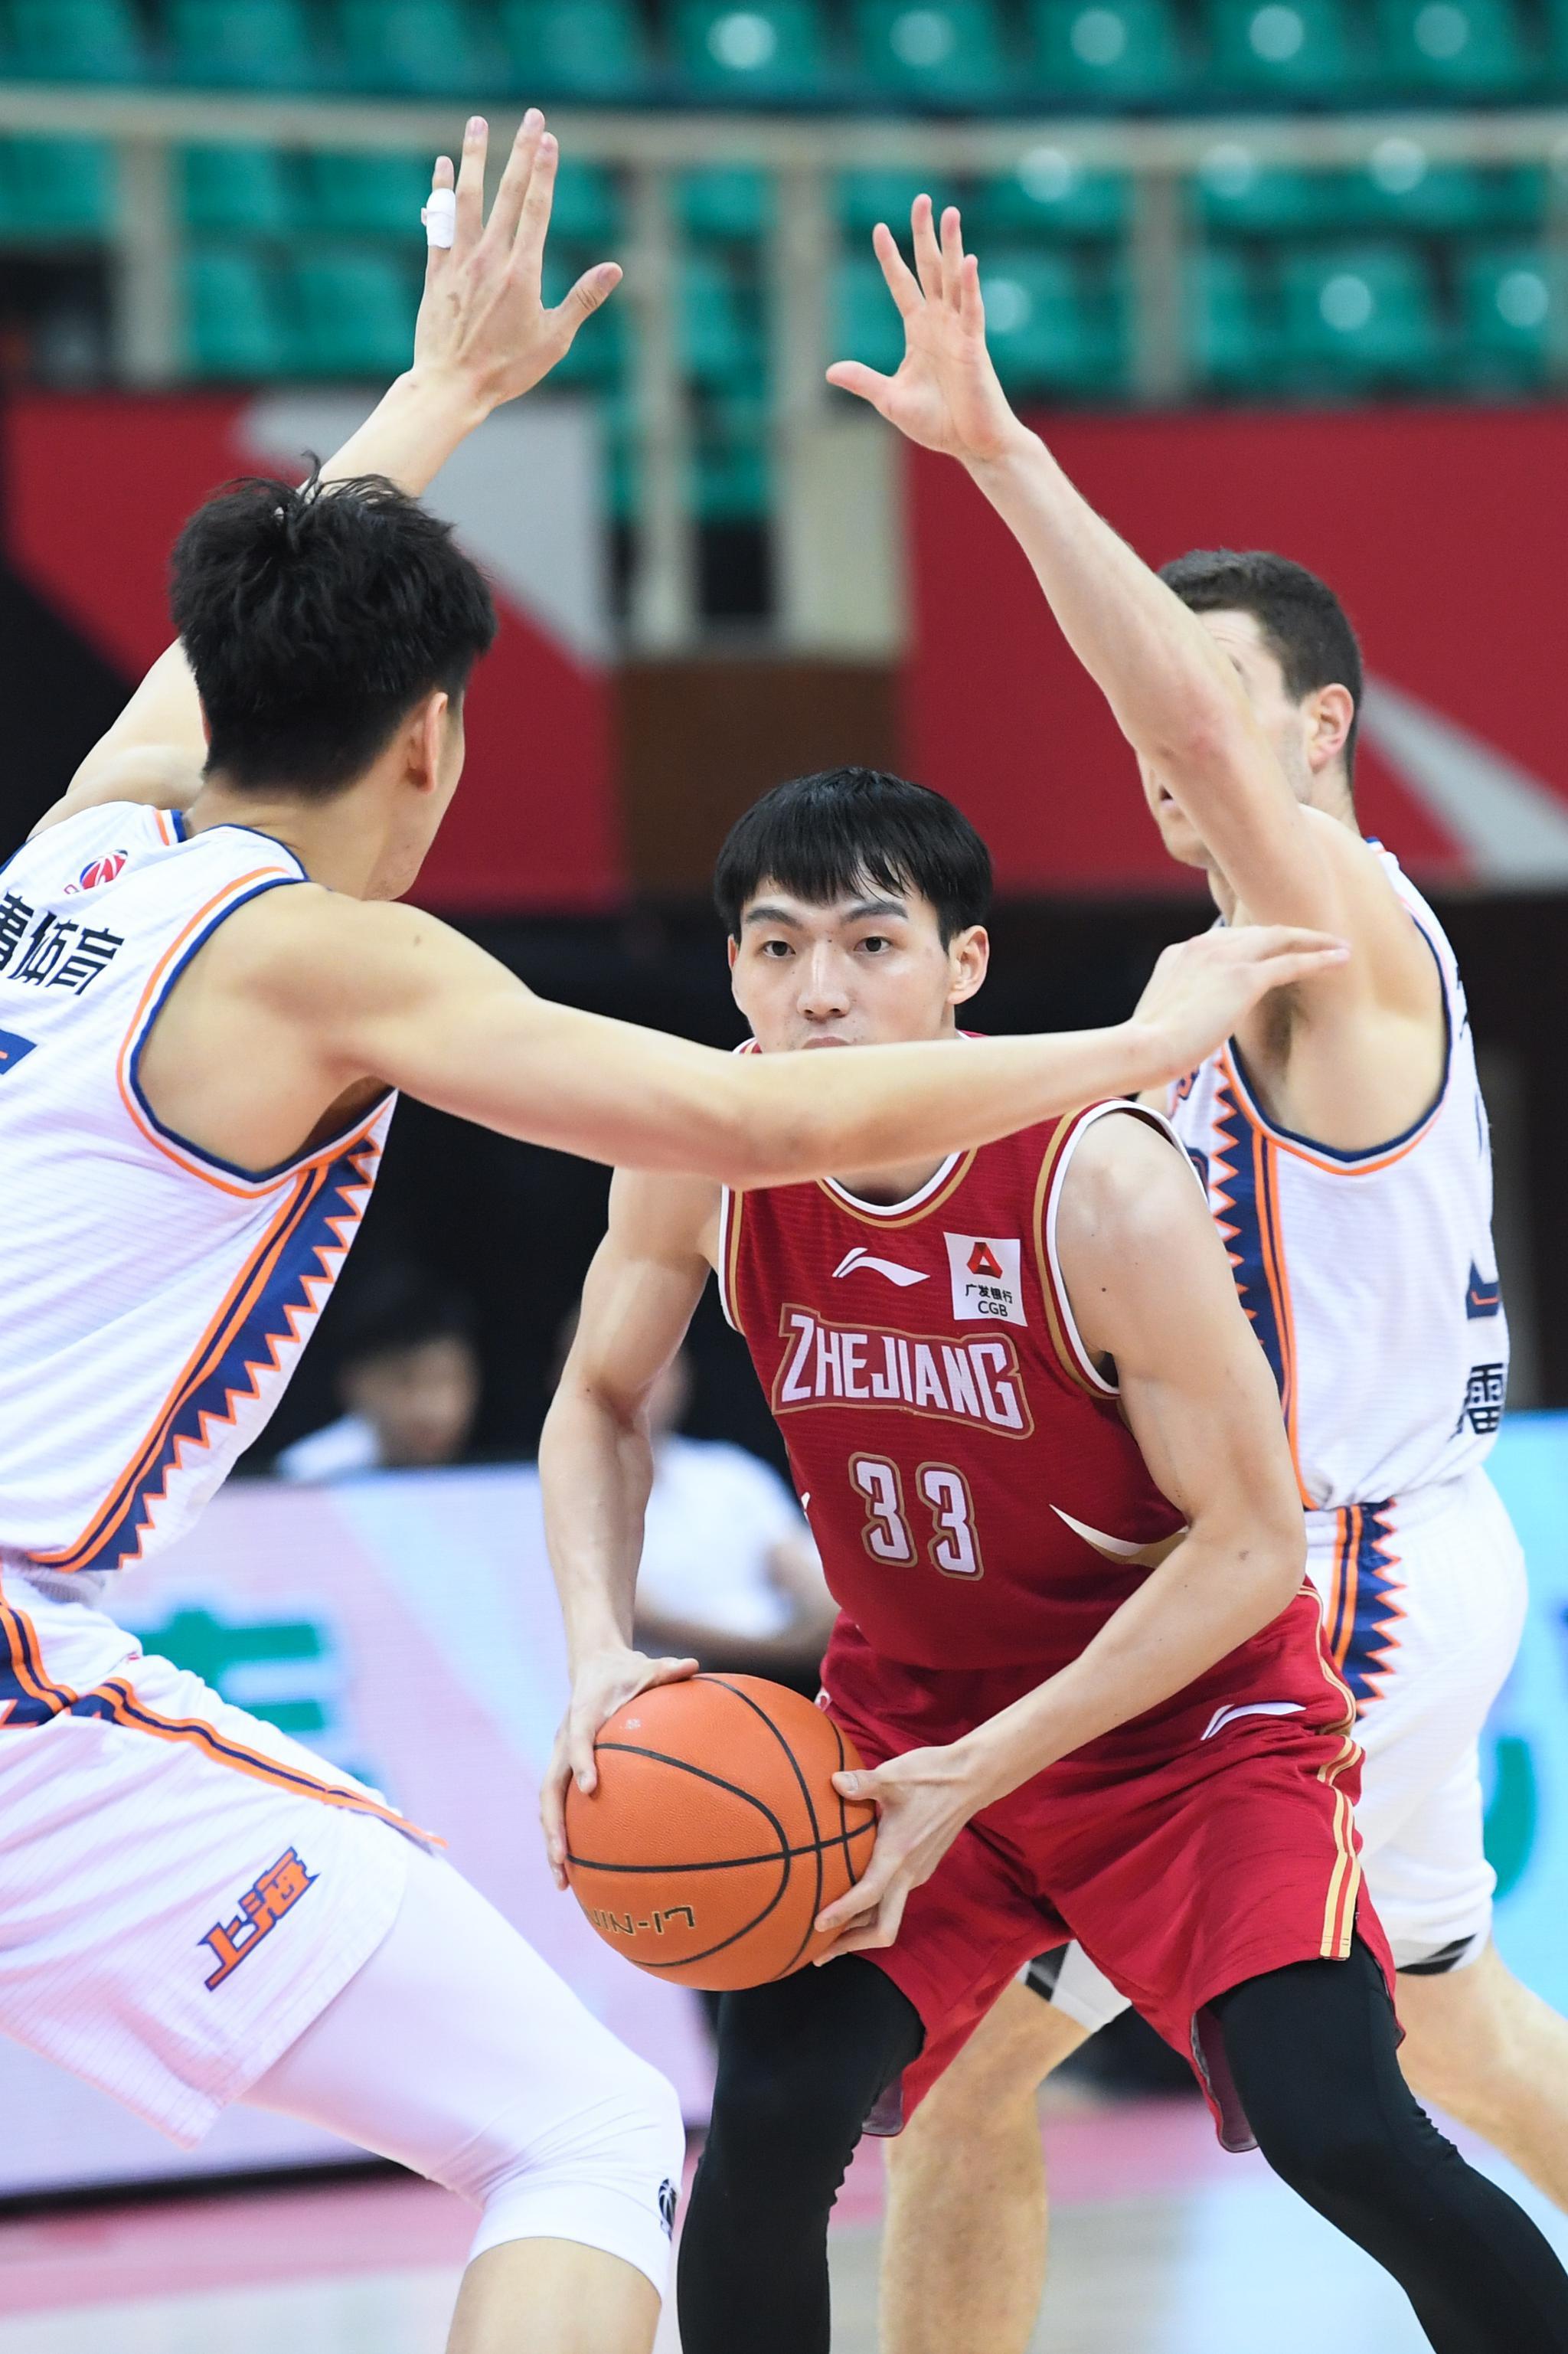 篮球——CBA第四阶段:浙江稠州金租胜上海久事